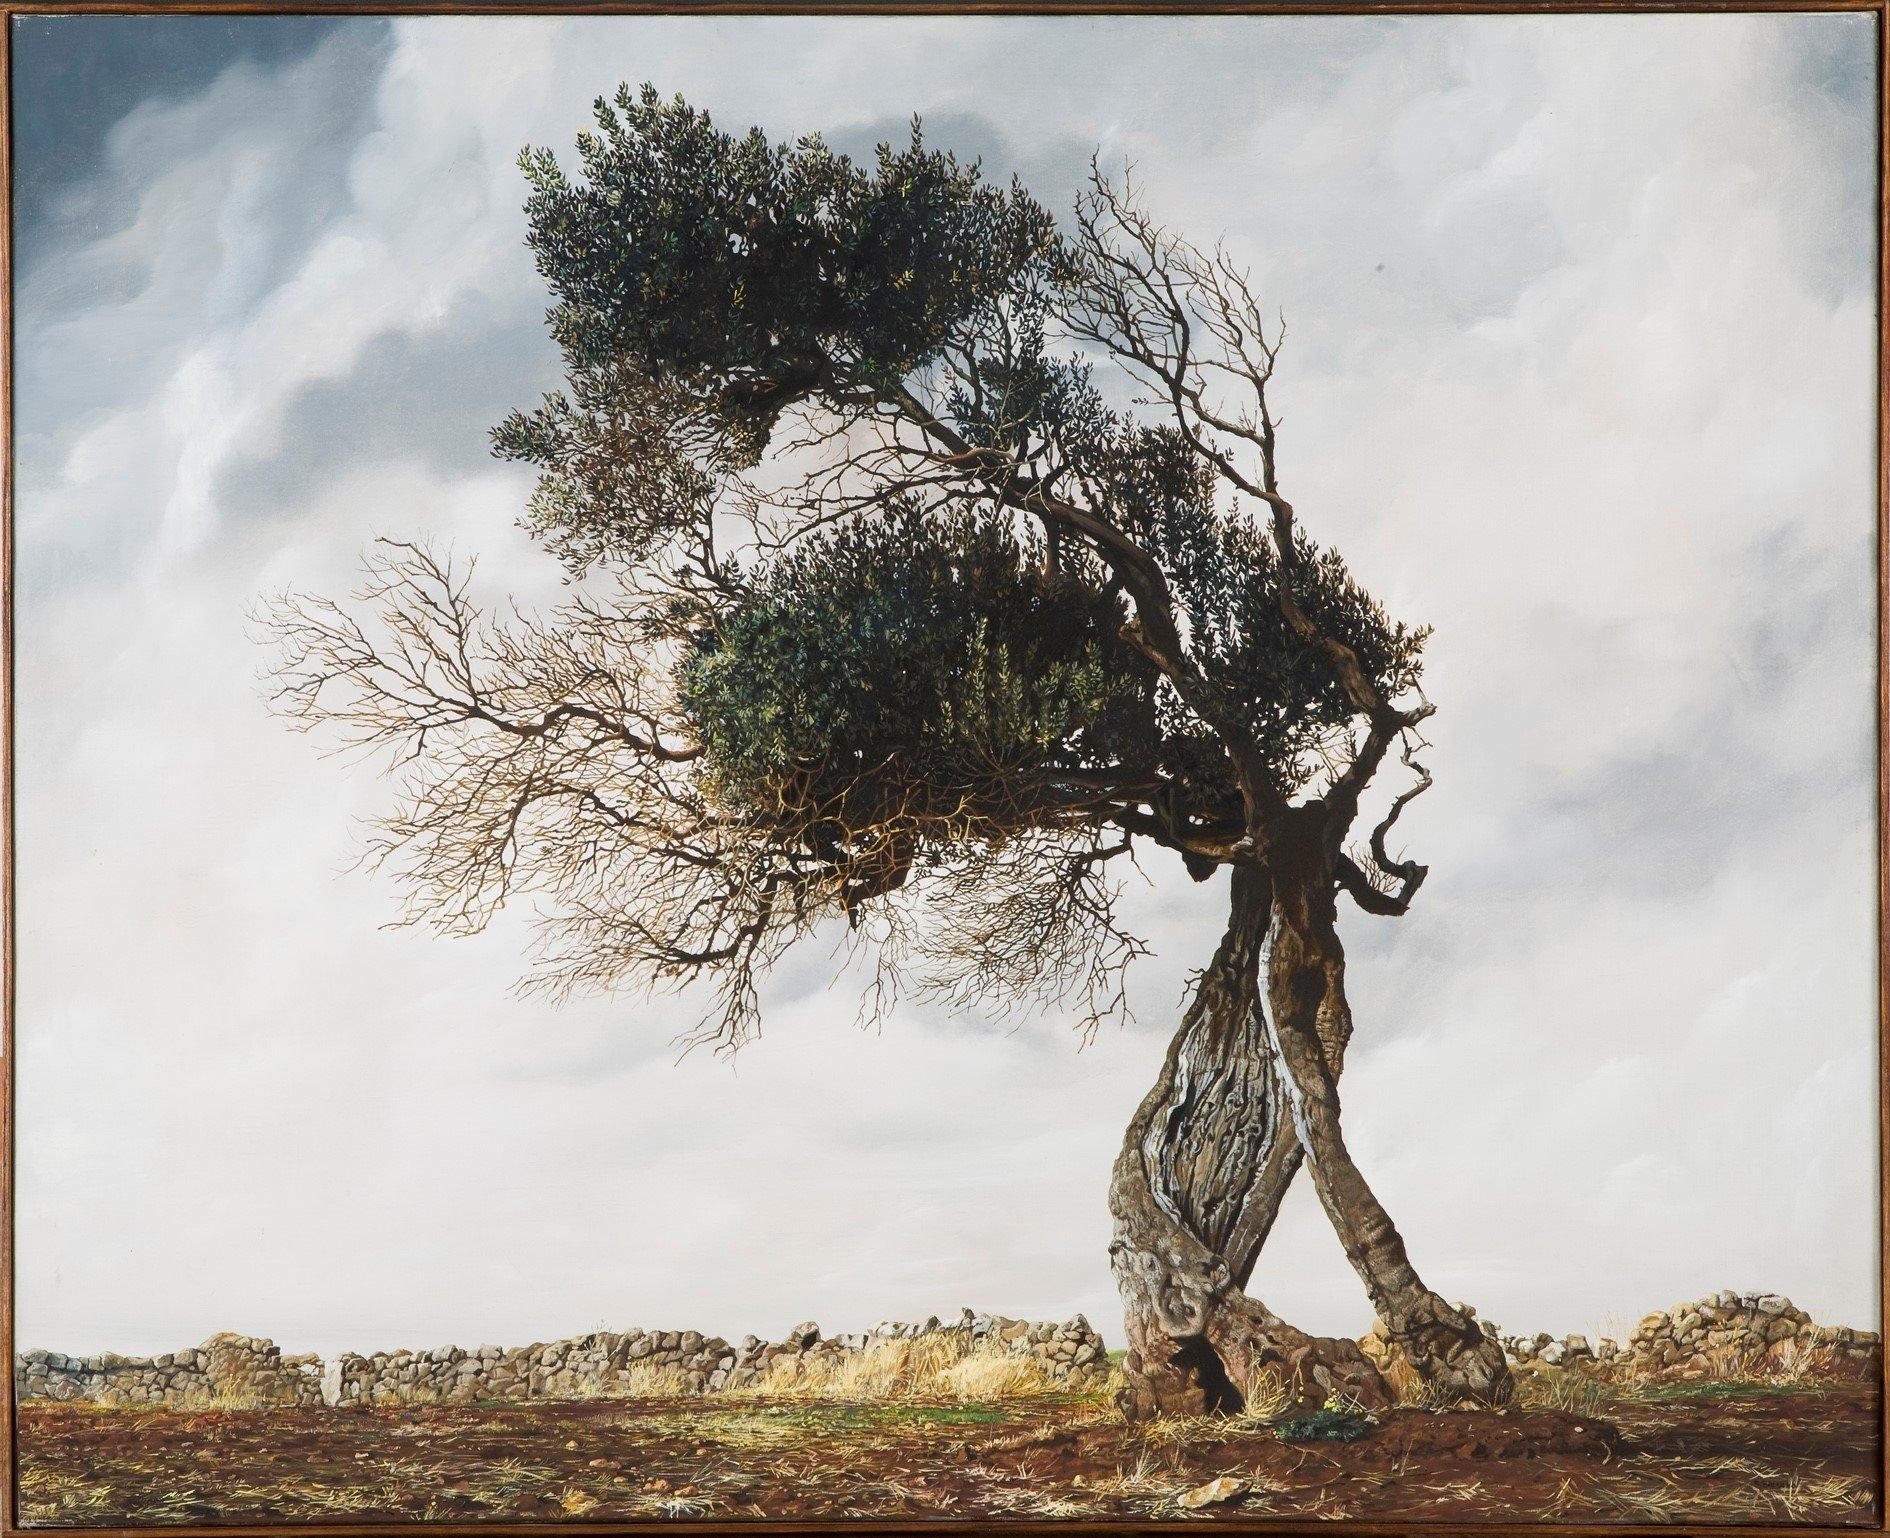 La Giornata internazionale della pace in cantina e al Museo dell'olivo e dell'olio a Torgiano